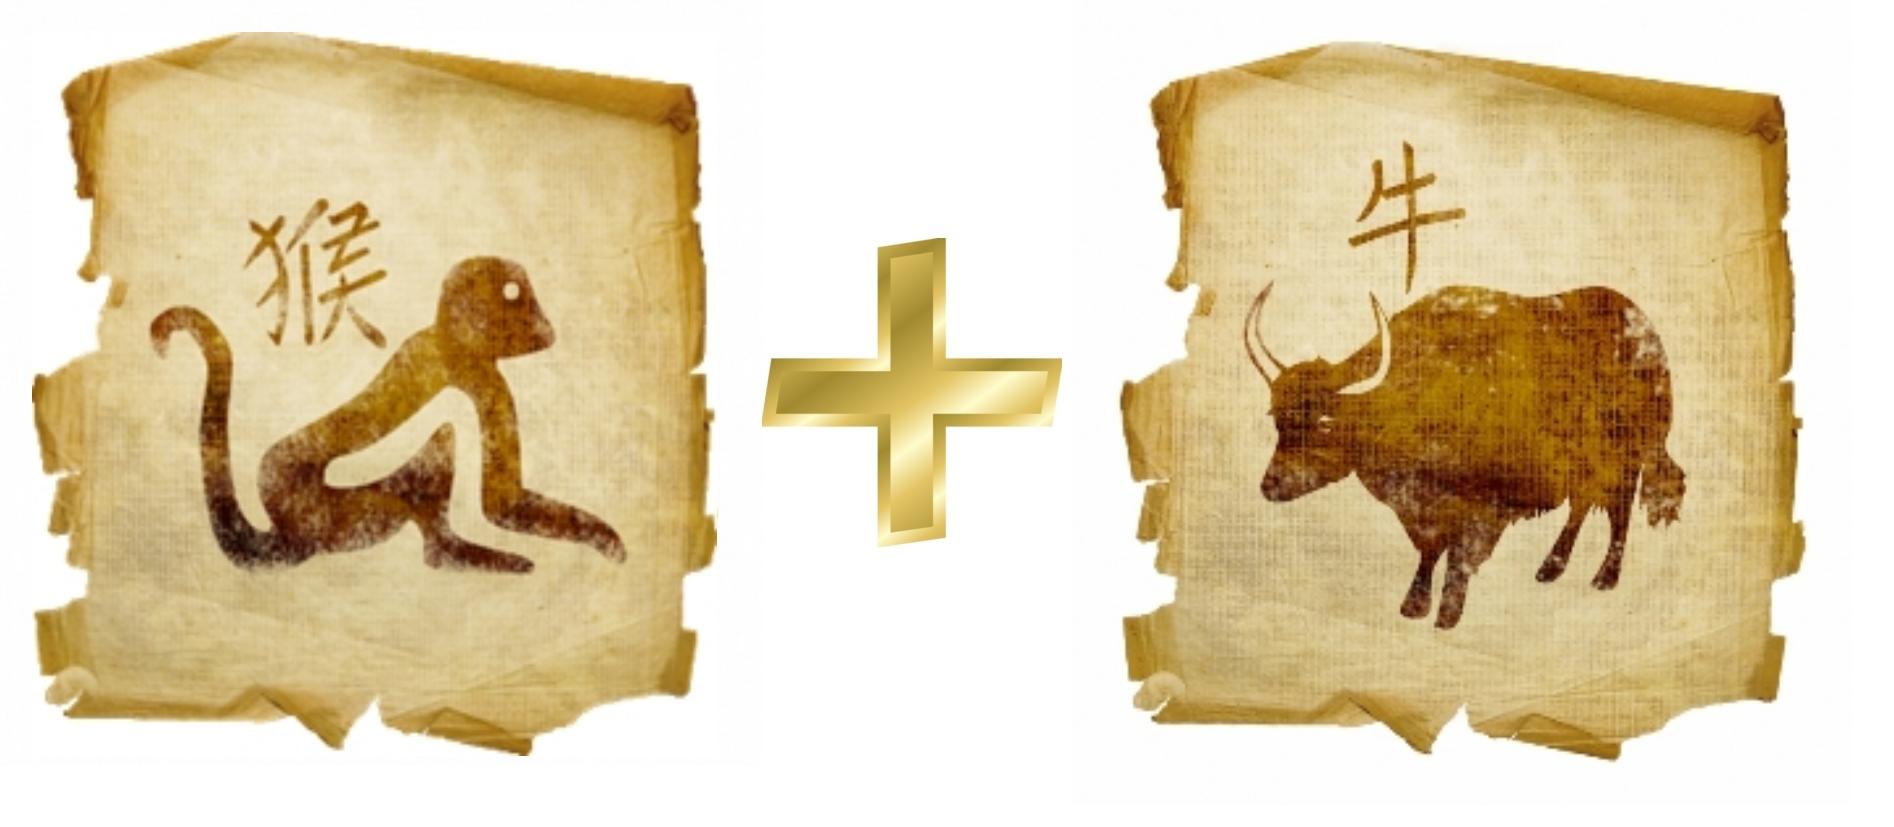 Обезьяна и Бык (Вол): гороскоп совместимости в любви